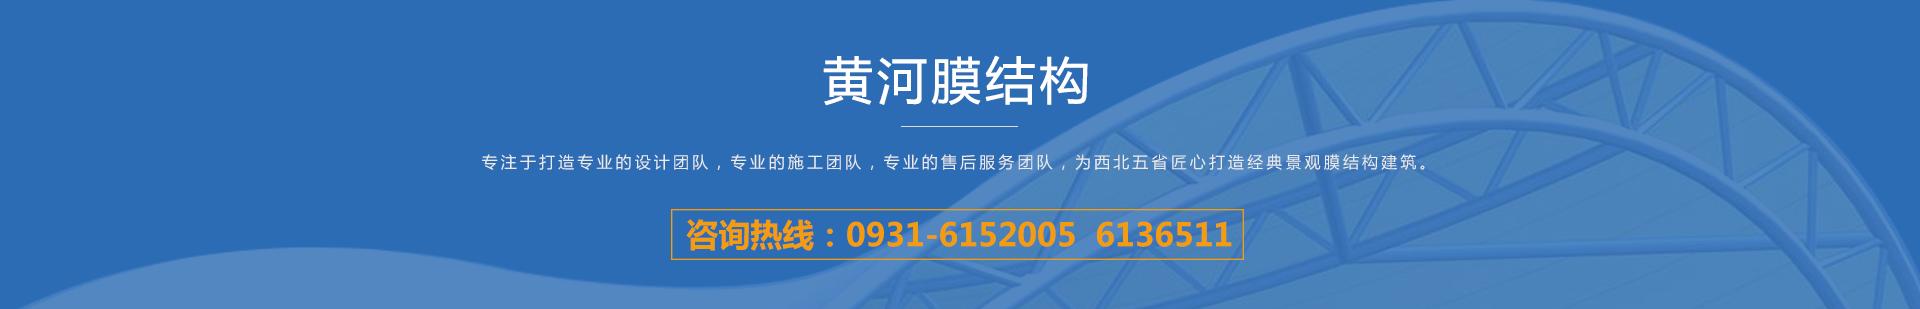 黄河膜结构服务产品